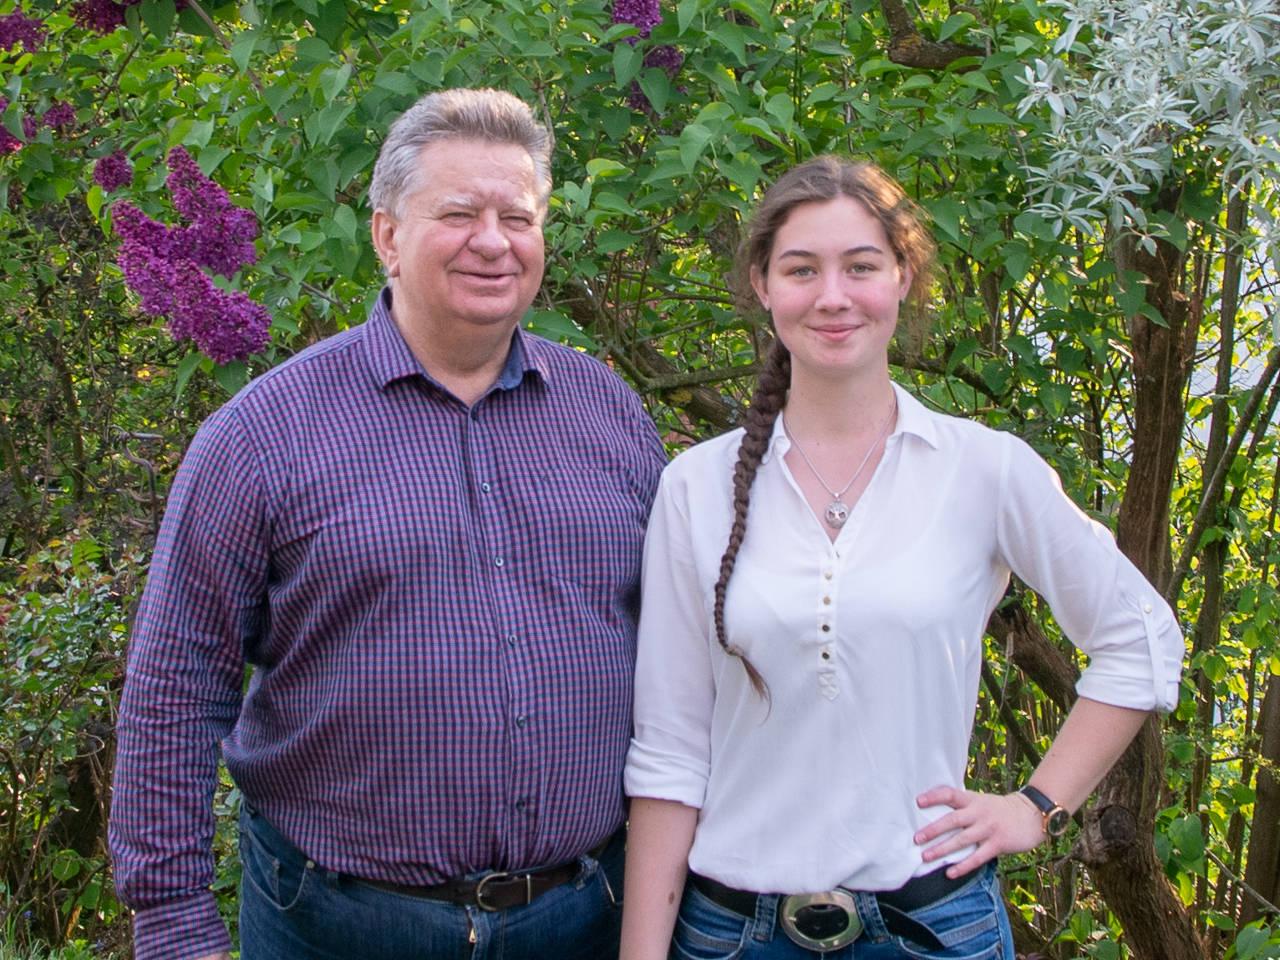 Tina Falkner und Reinhard Schuhmann - Vorstand der SPD Weißenohe